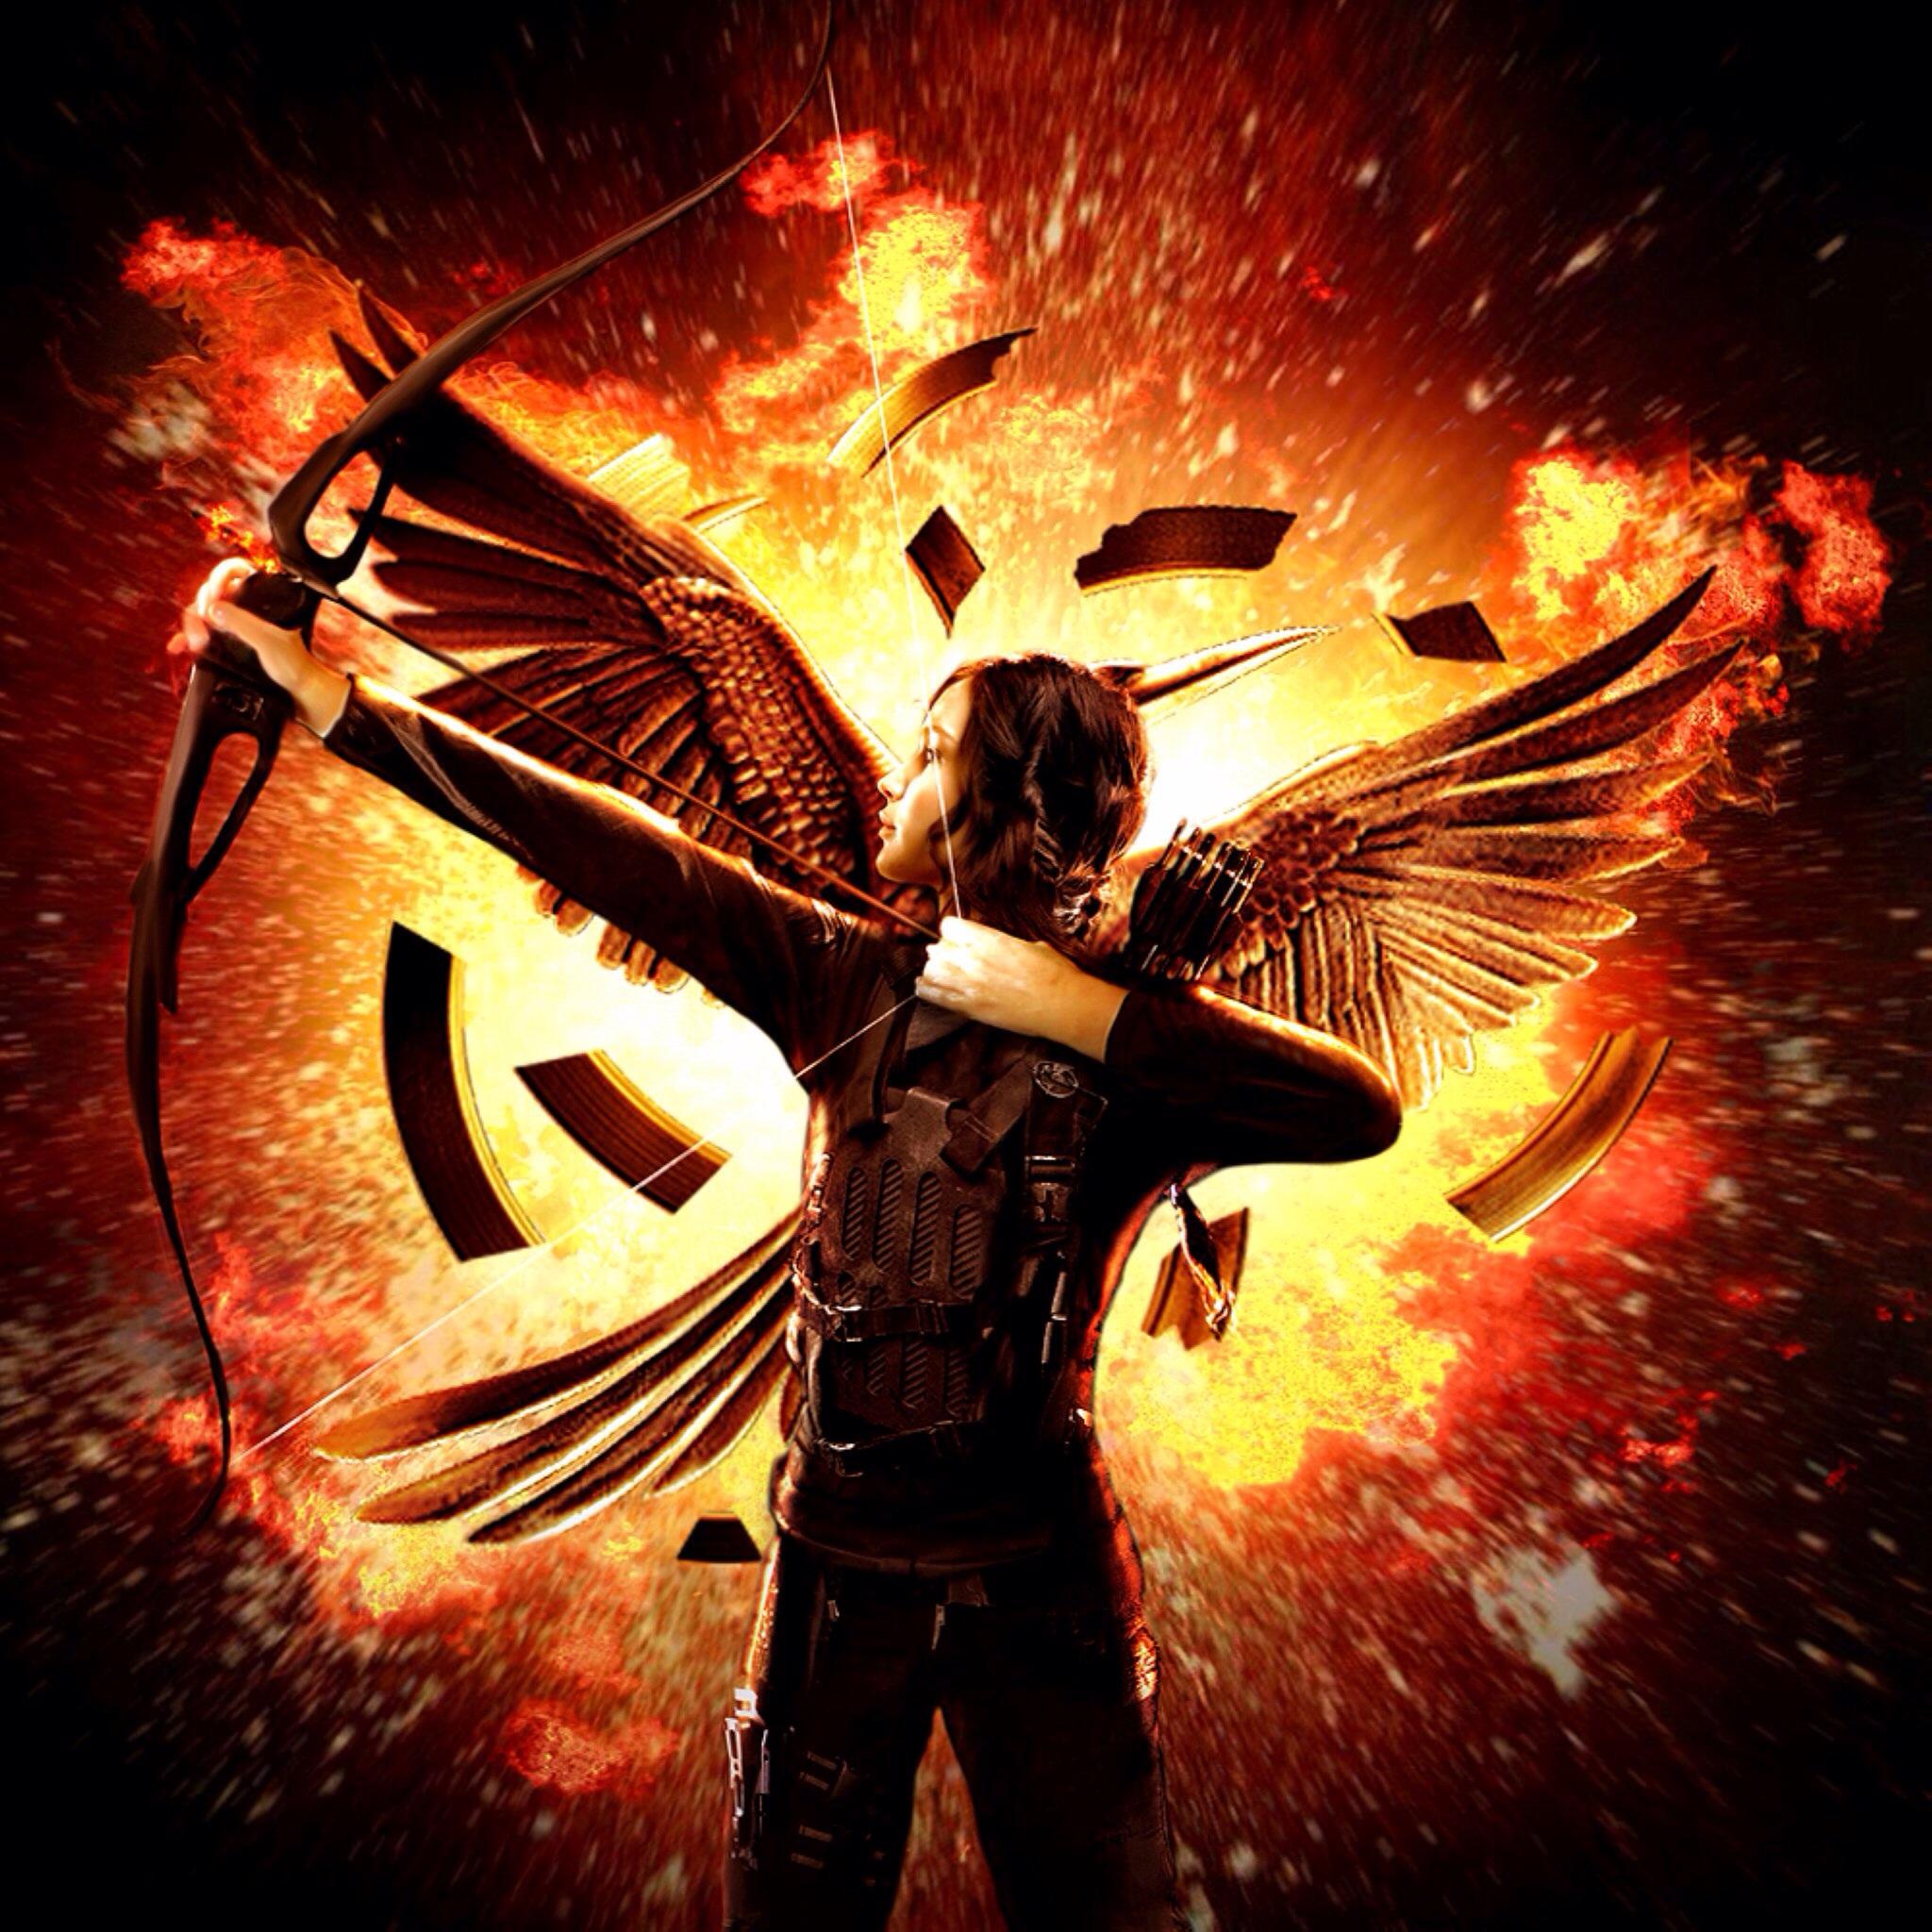 Katniss Everdeen - The Hunger Games Wallpaper (39068648 ...